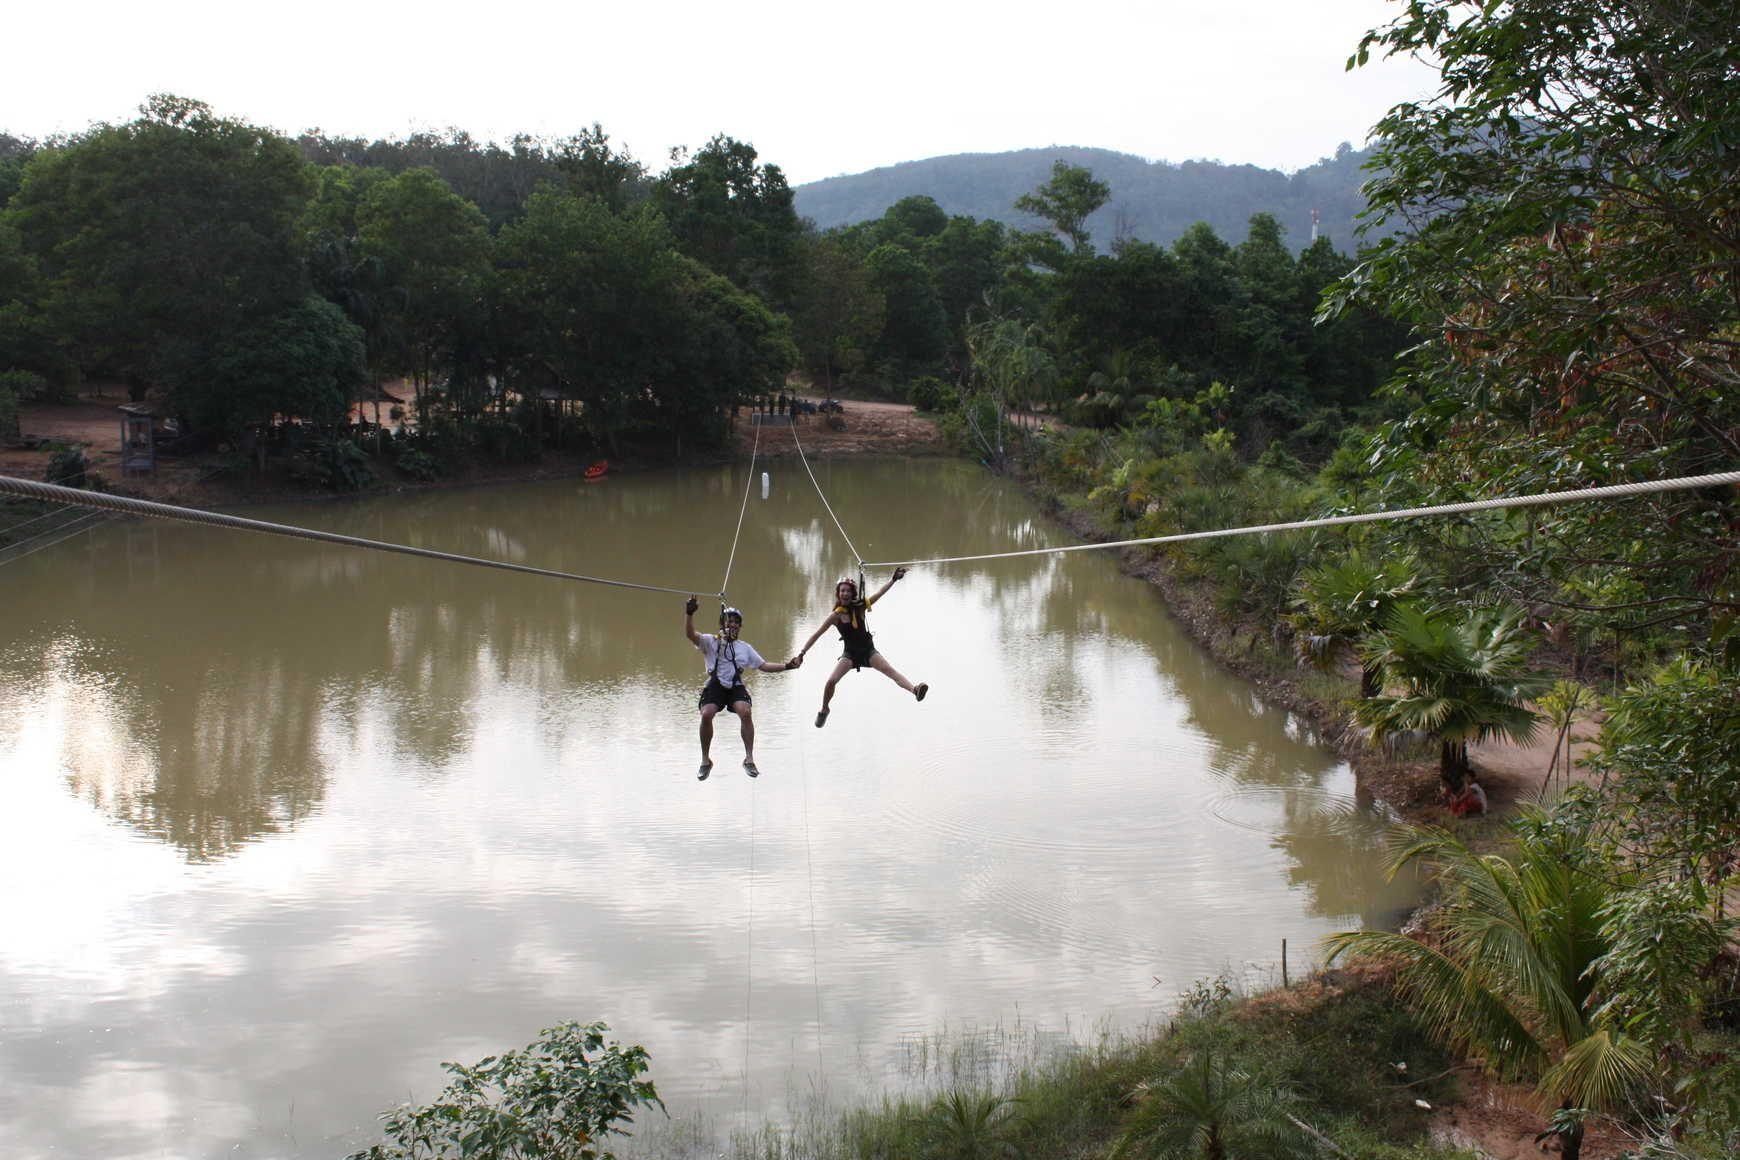 #RopeBridge #Phuket #Thailand